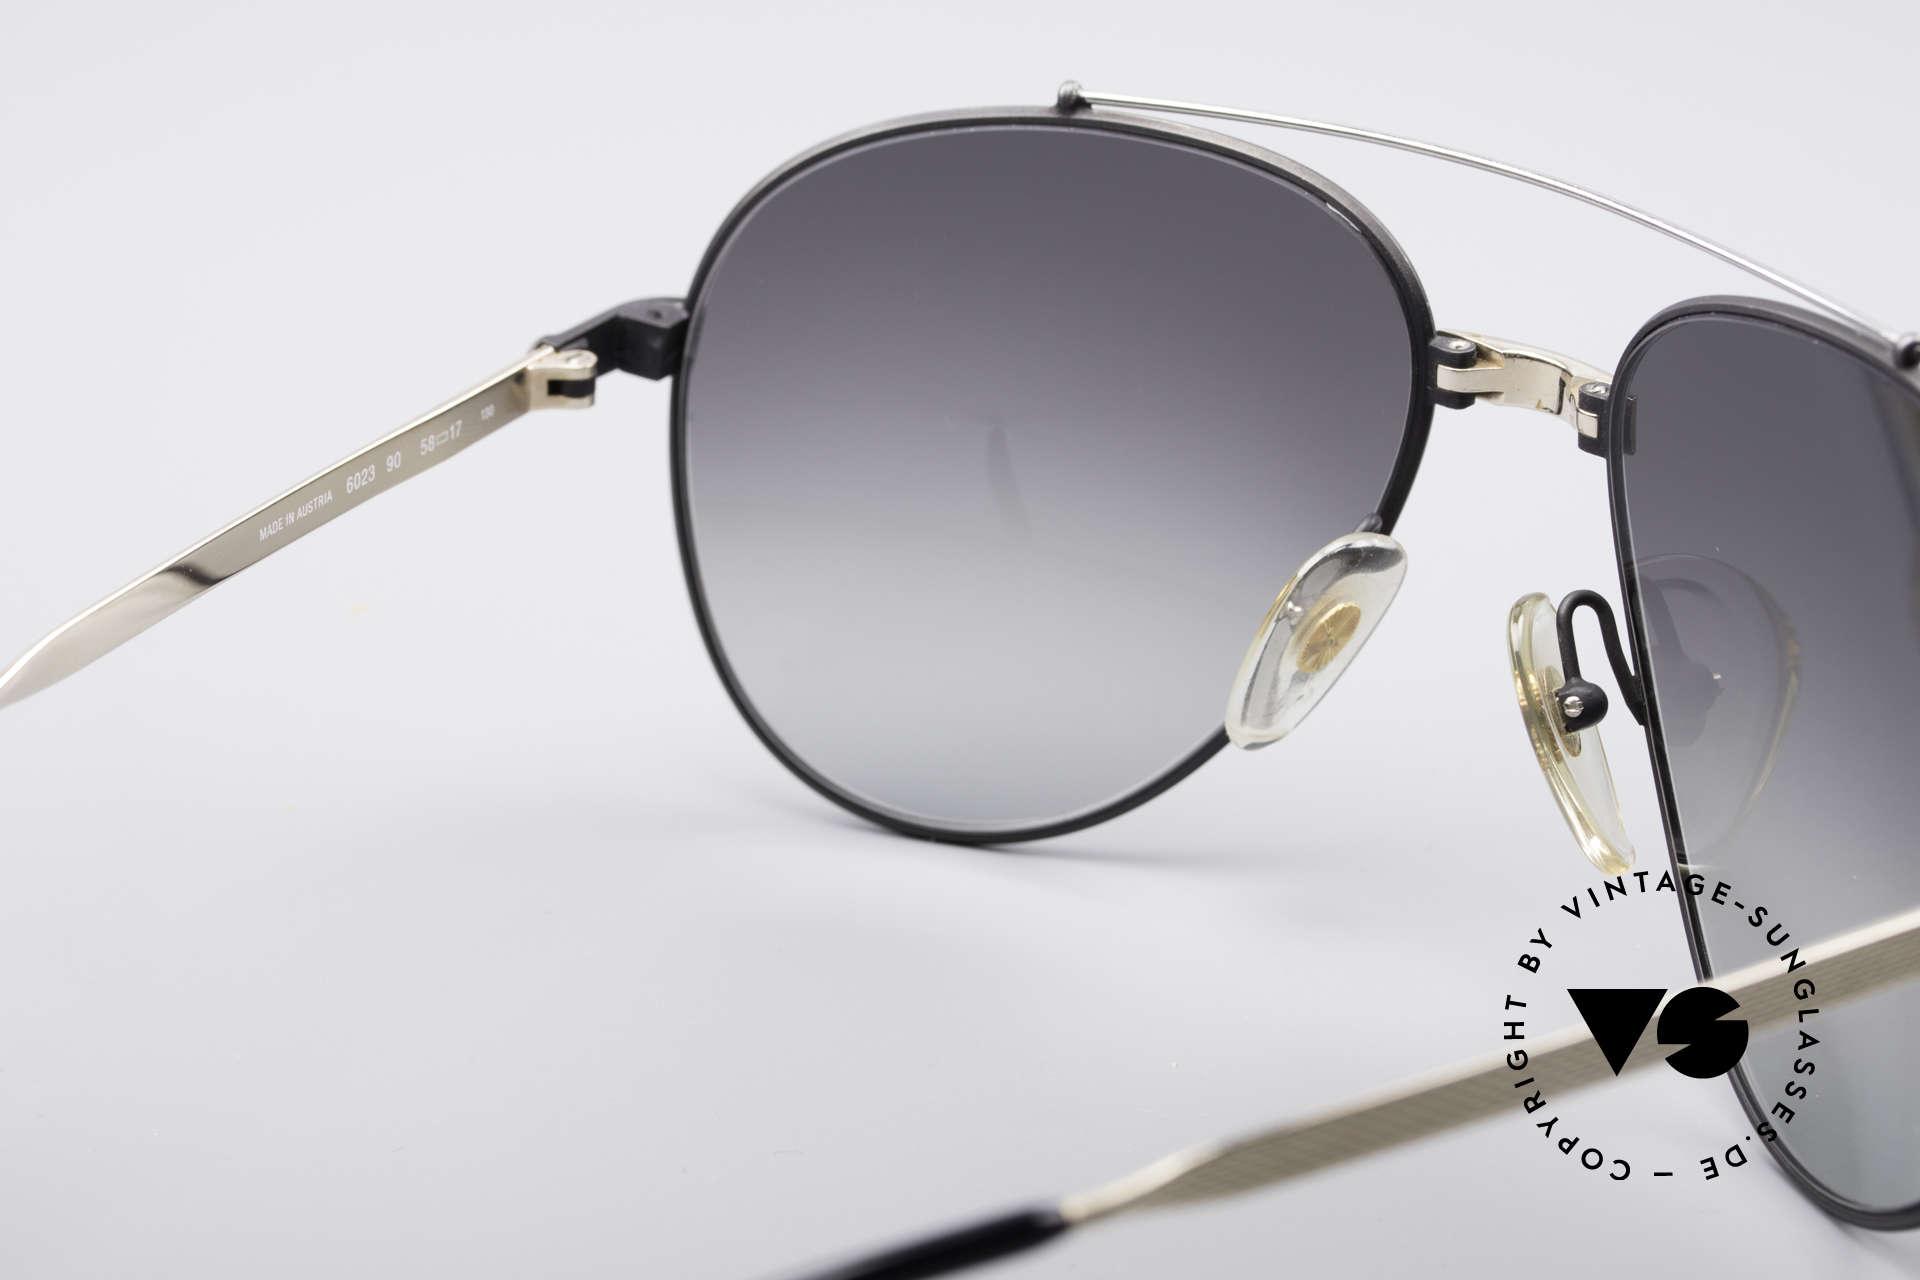 Dunhill 6023 80er Luxus Sonnenbrille Herren, KEIN retro, ein kostbares 35 Jahre altes Original, Passend für Herren